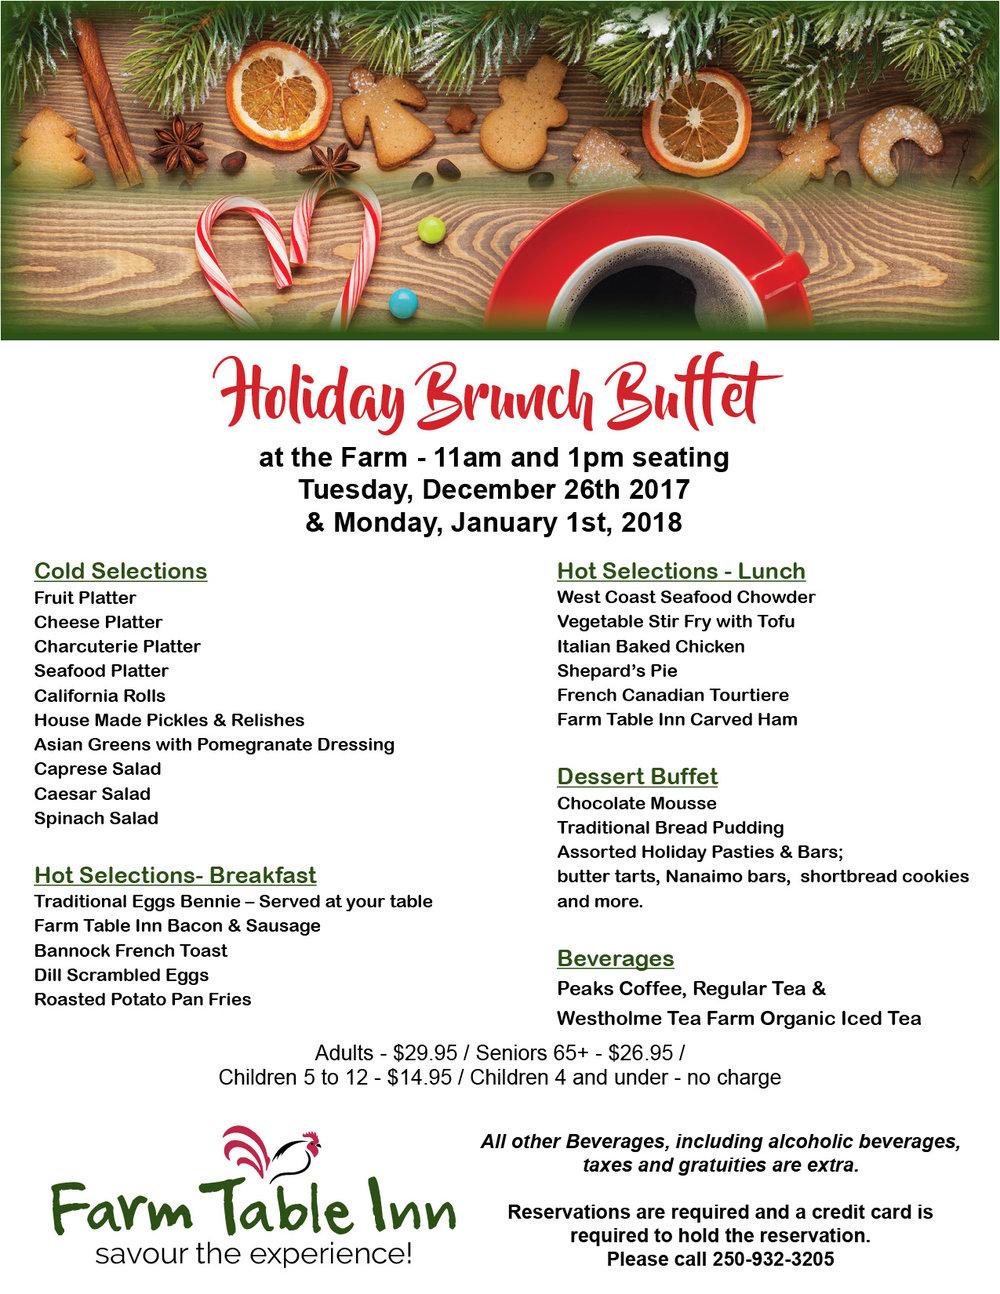 Holiday Brunch Buffet 2017.jpg